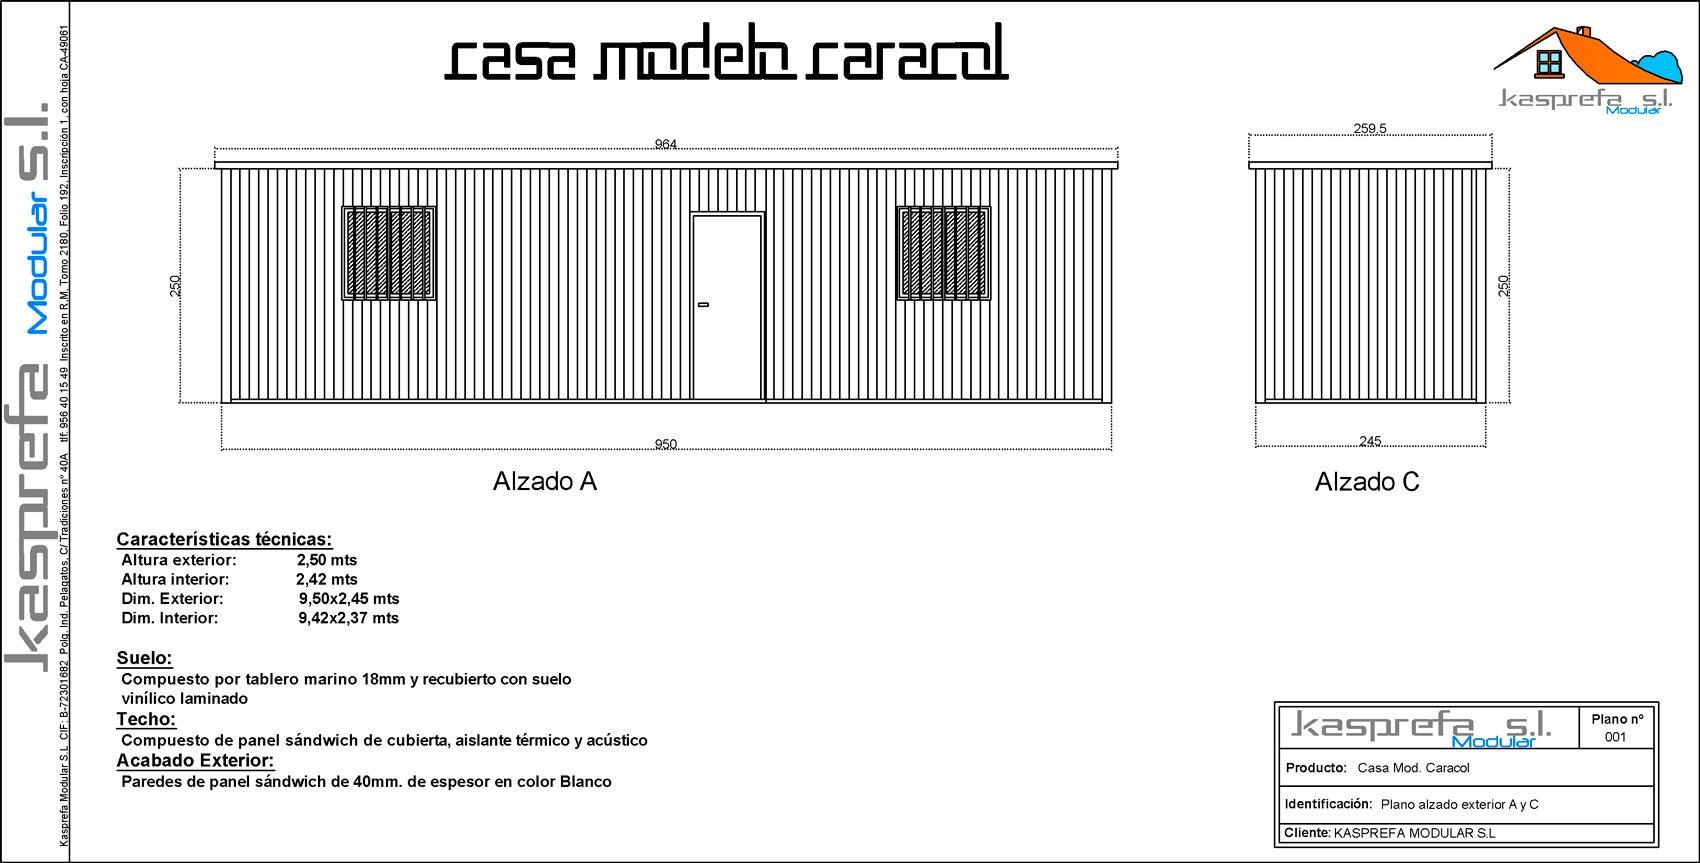 casa caracol - kasprefa modular s.l